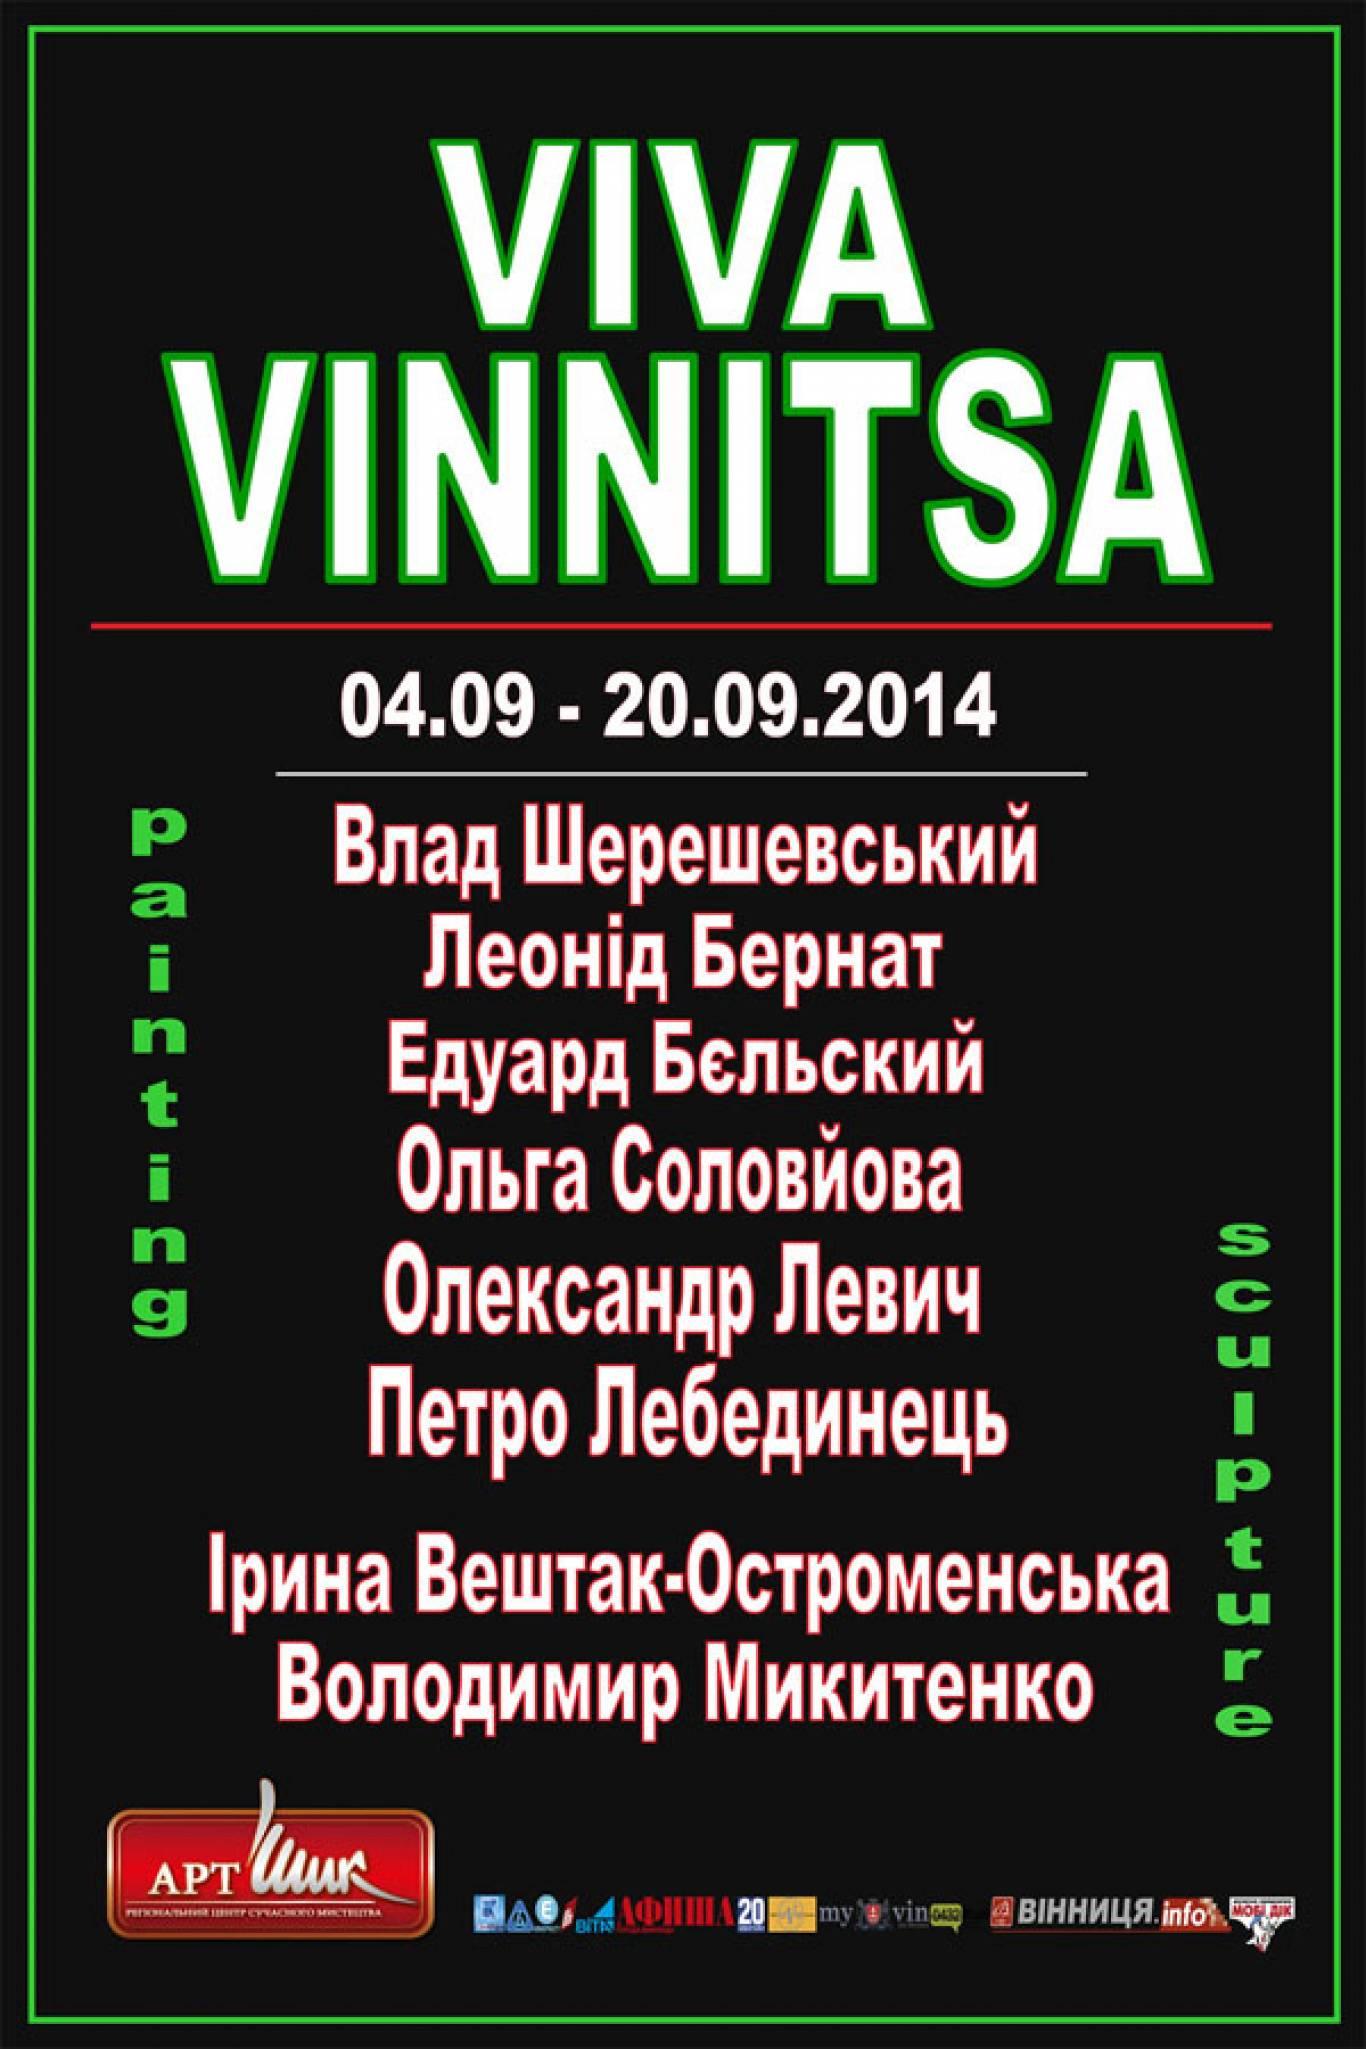 Виставка «VIVA VINNITSA!»